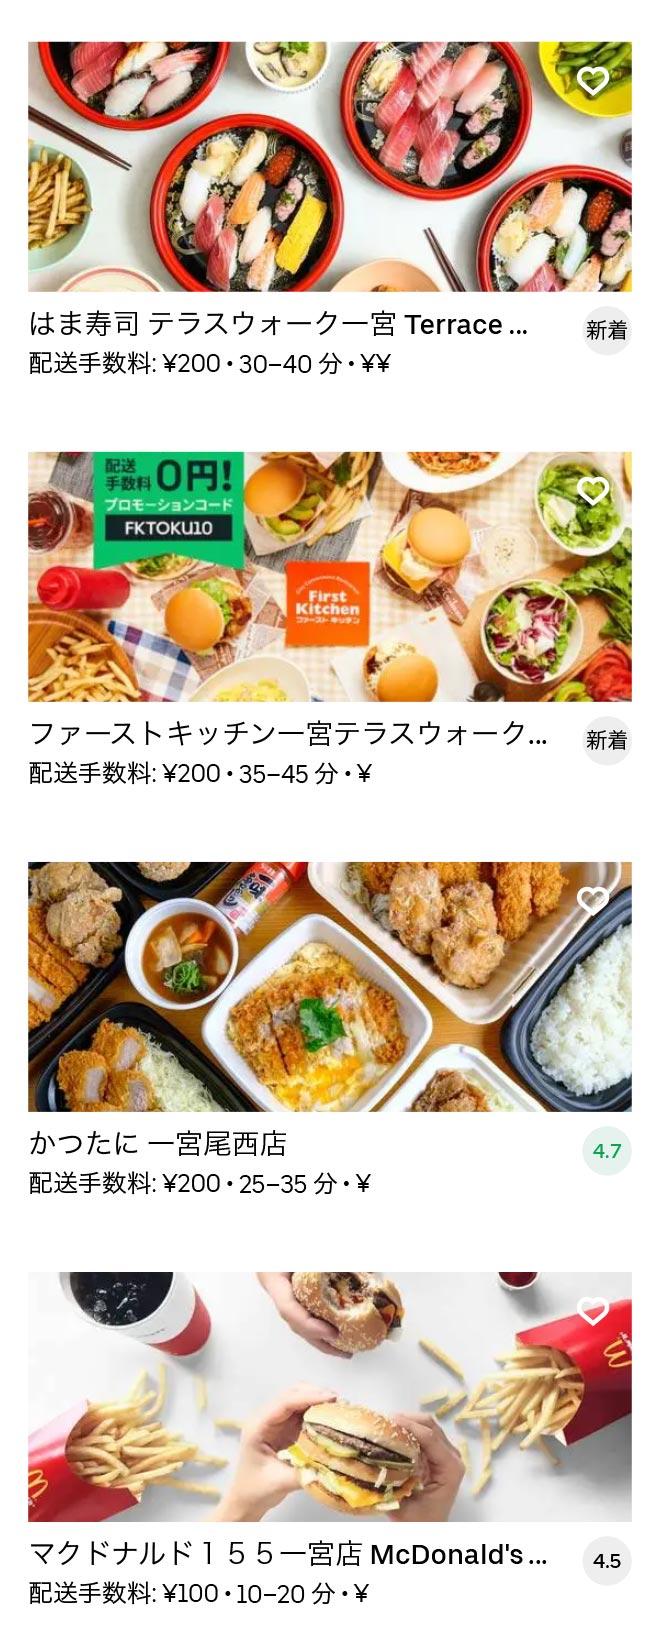 Ichinomiya menu 2010 08